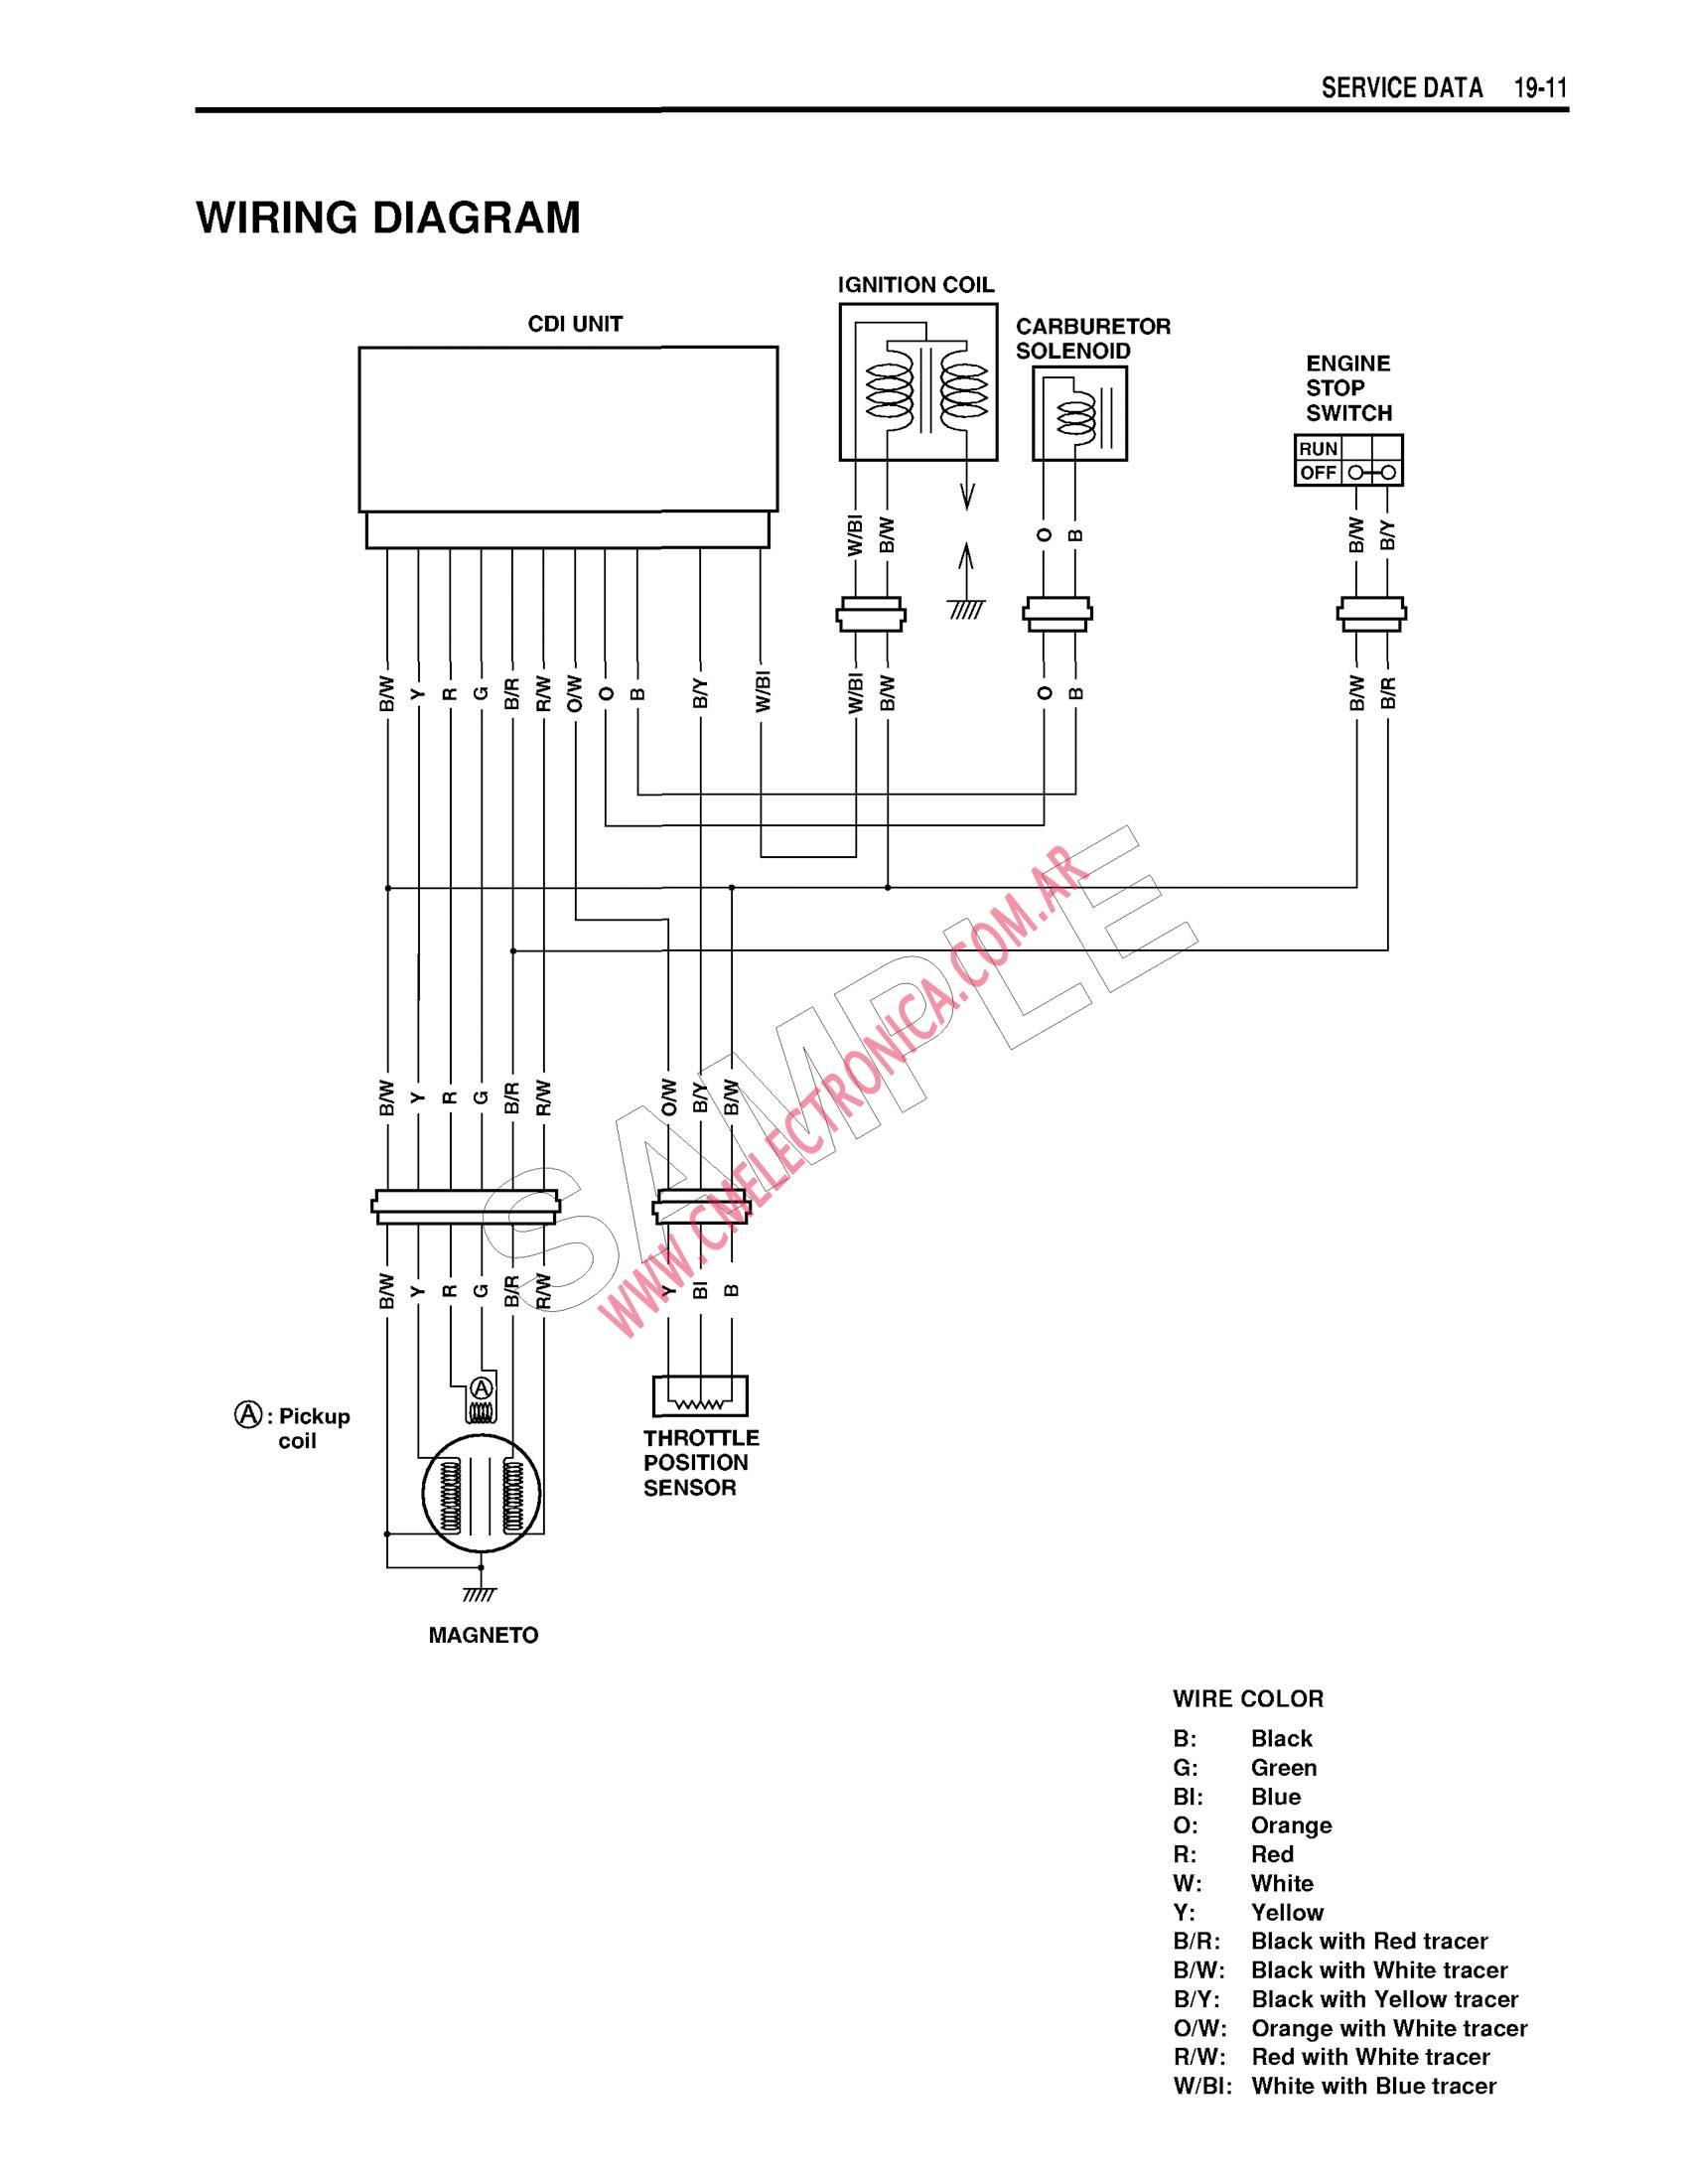 1996 suzuki rm250 wiring diagram